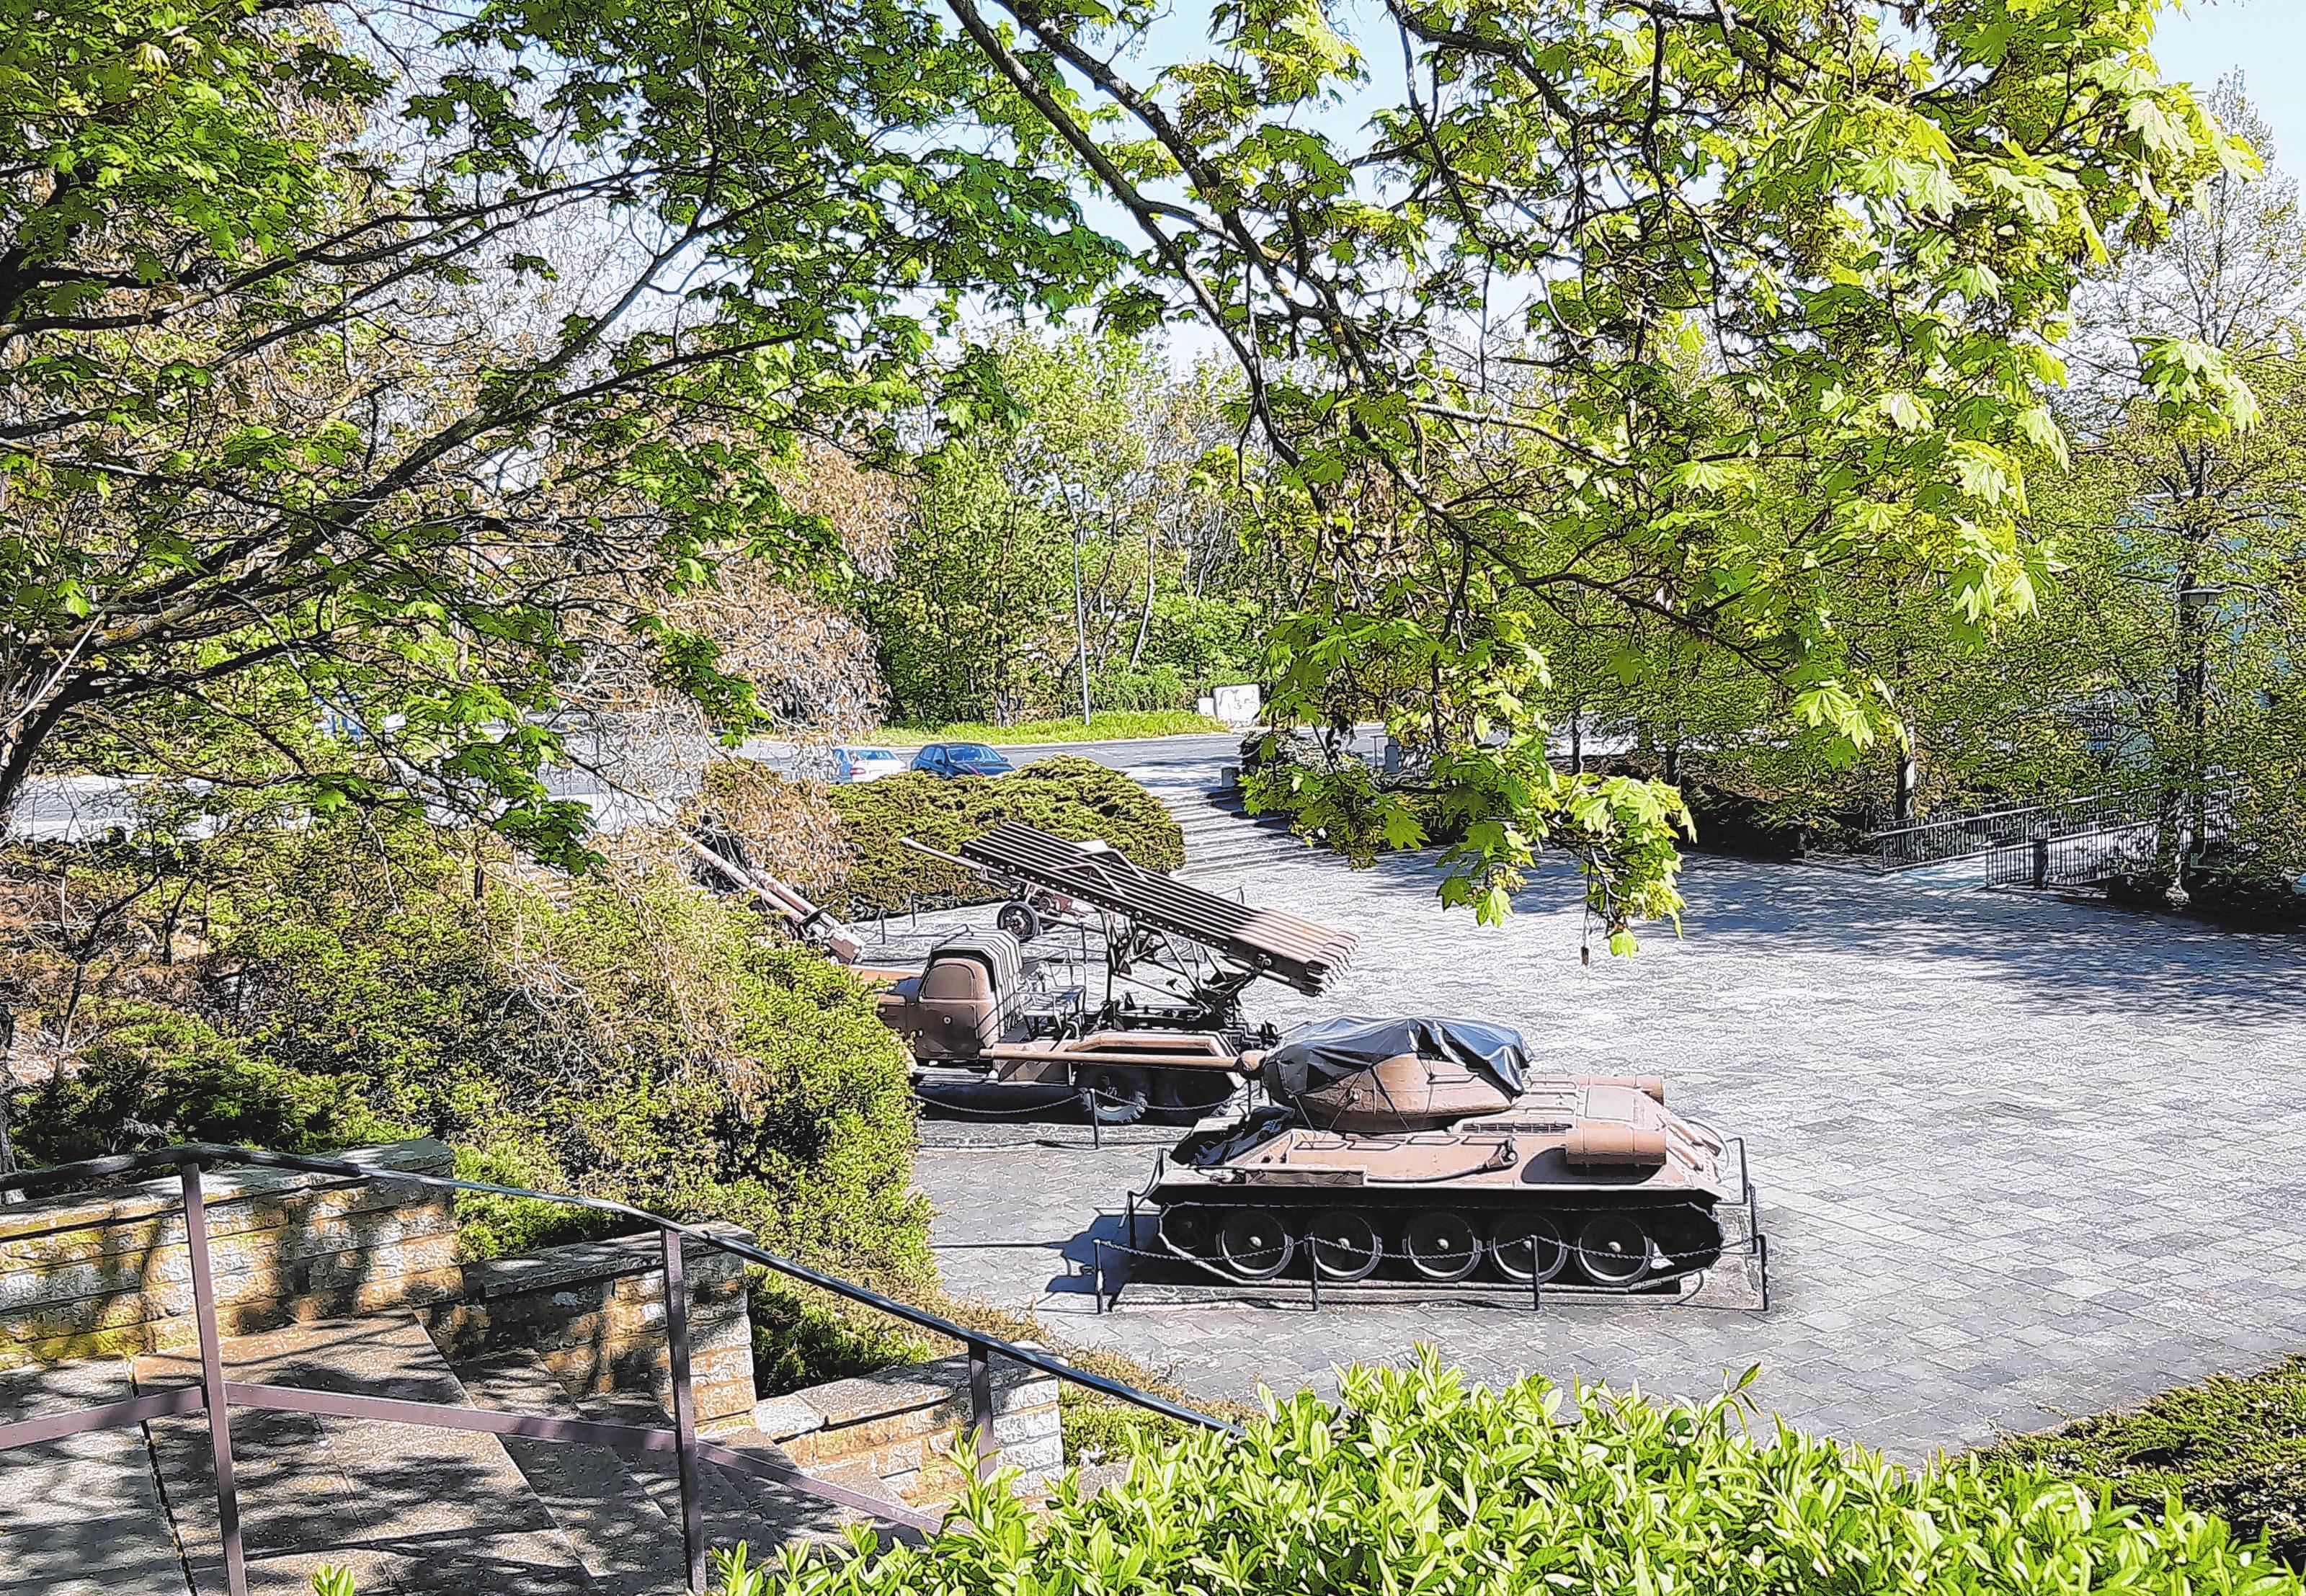 Noch gestaltet werden soll jetzt der Außenbereich der Gedenkstätte, wo sich unter anderem die historische Militärtechnik befindet.